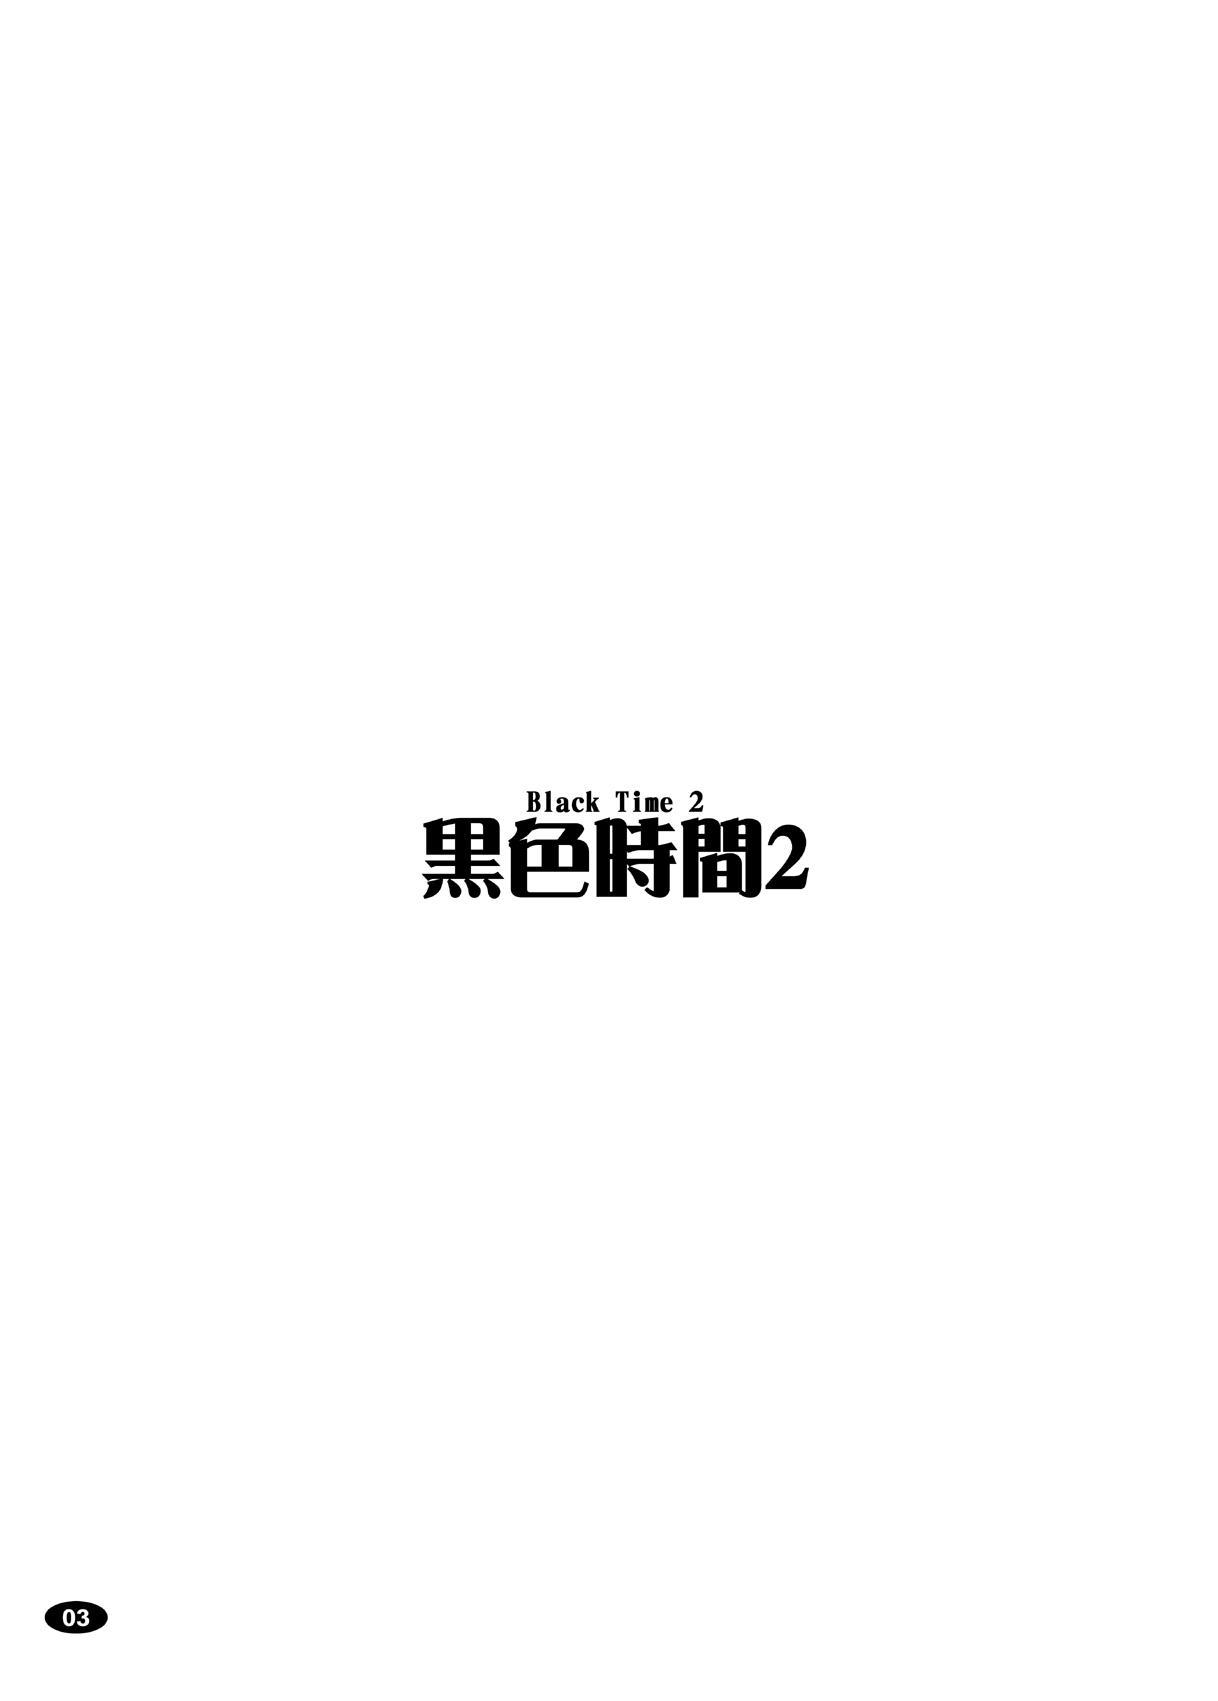 Kuroiro Jikan - Black Time 2 1